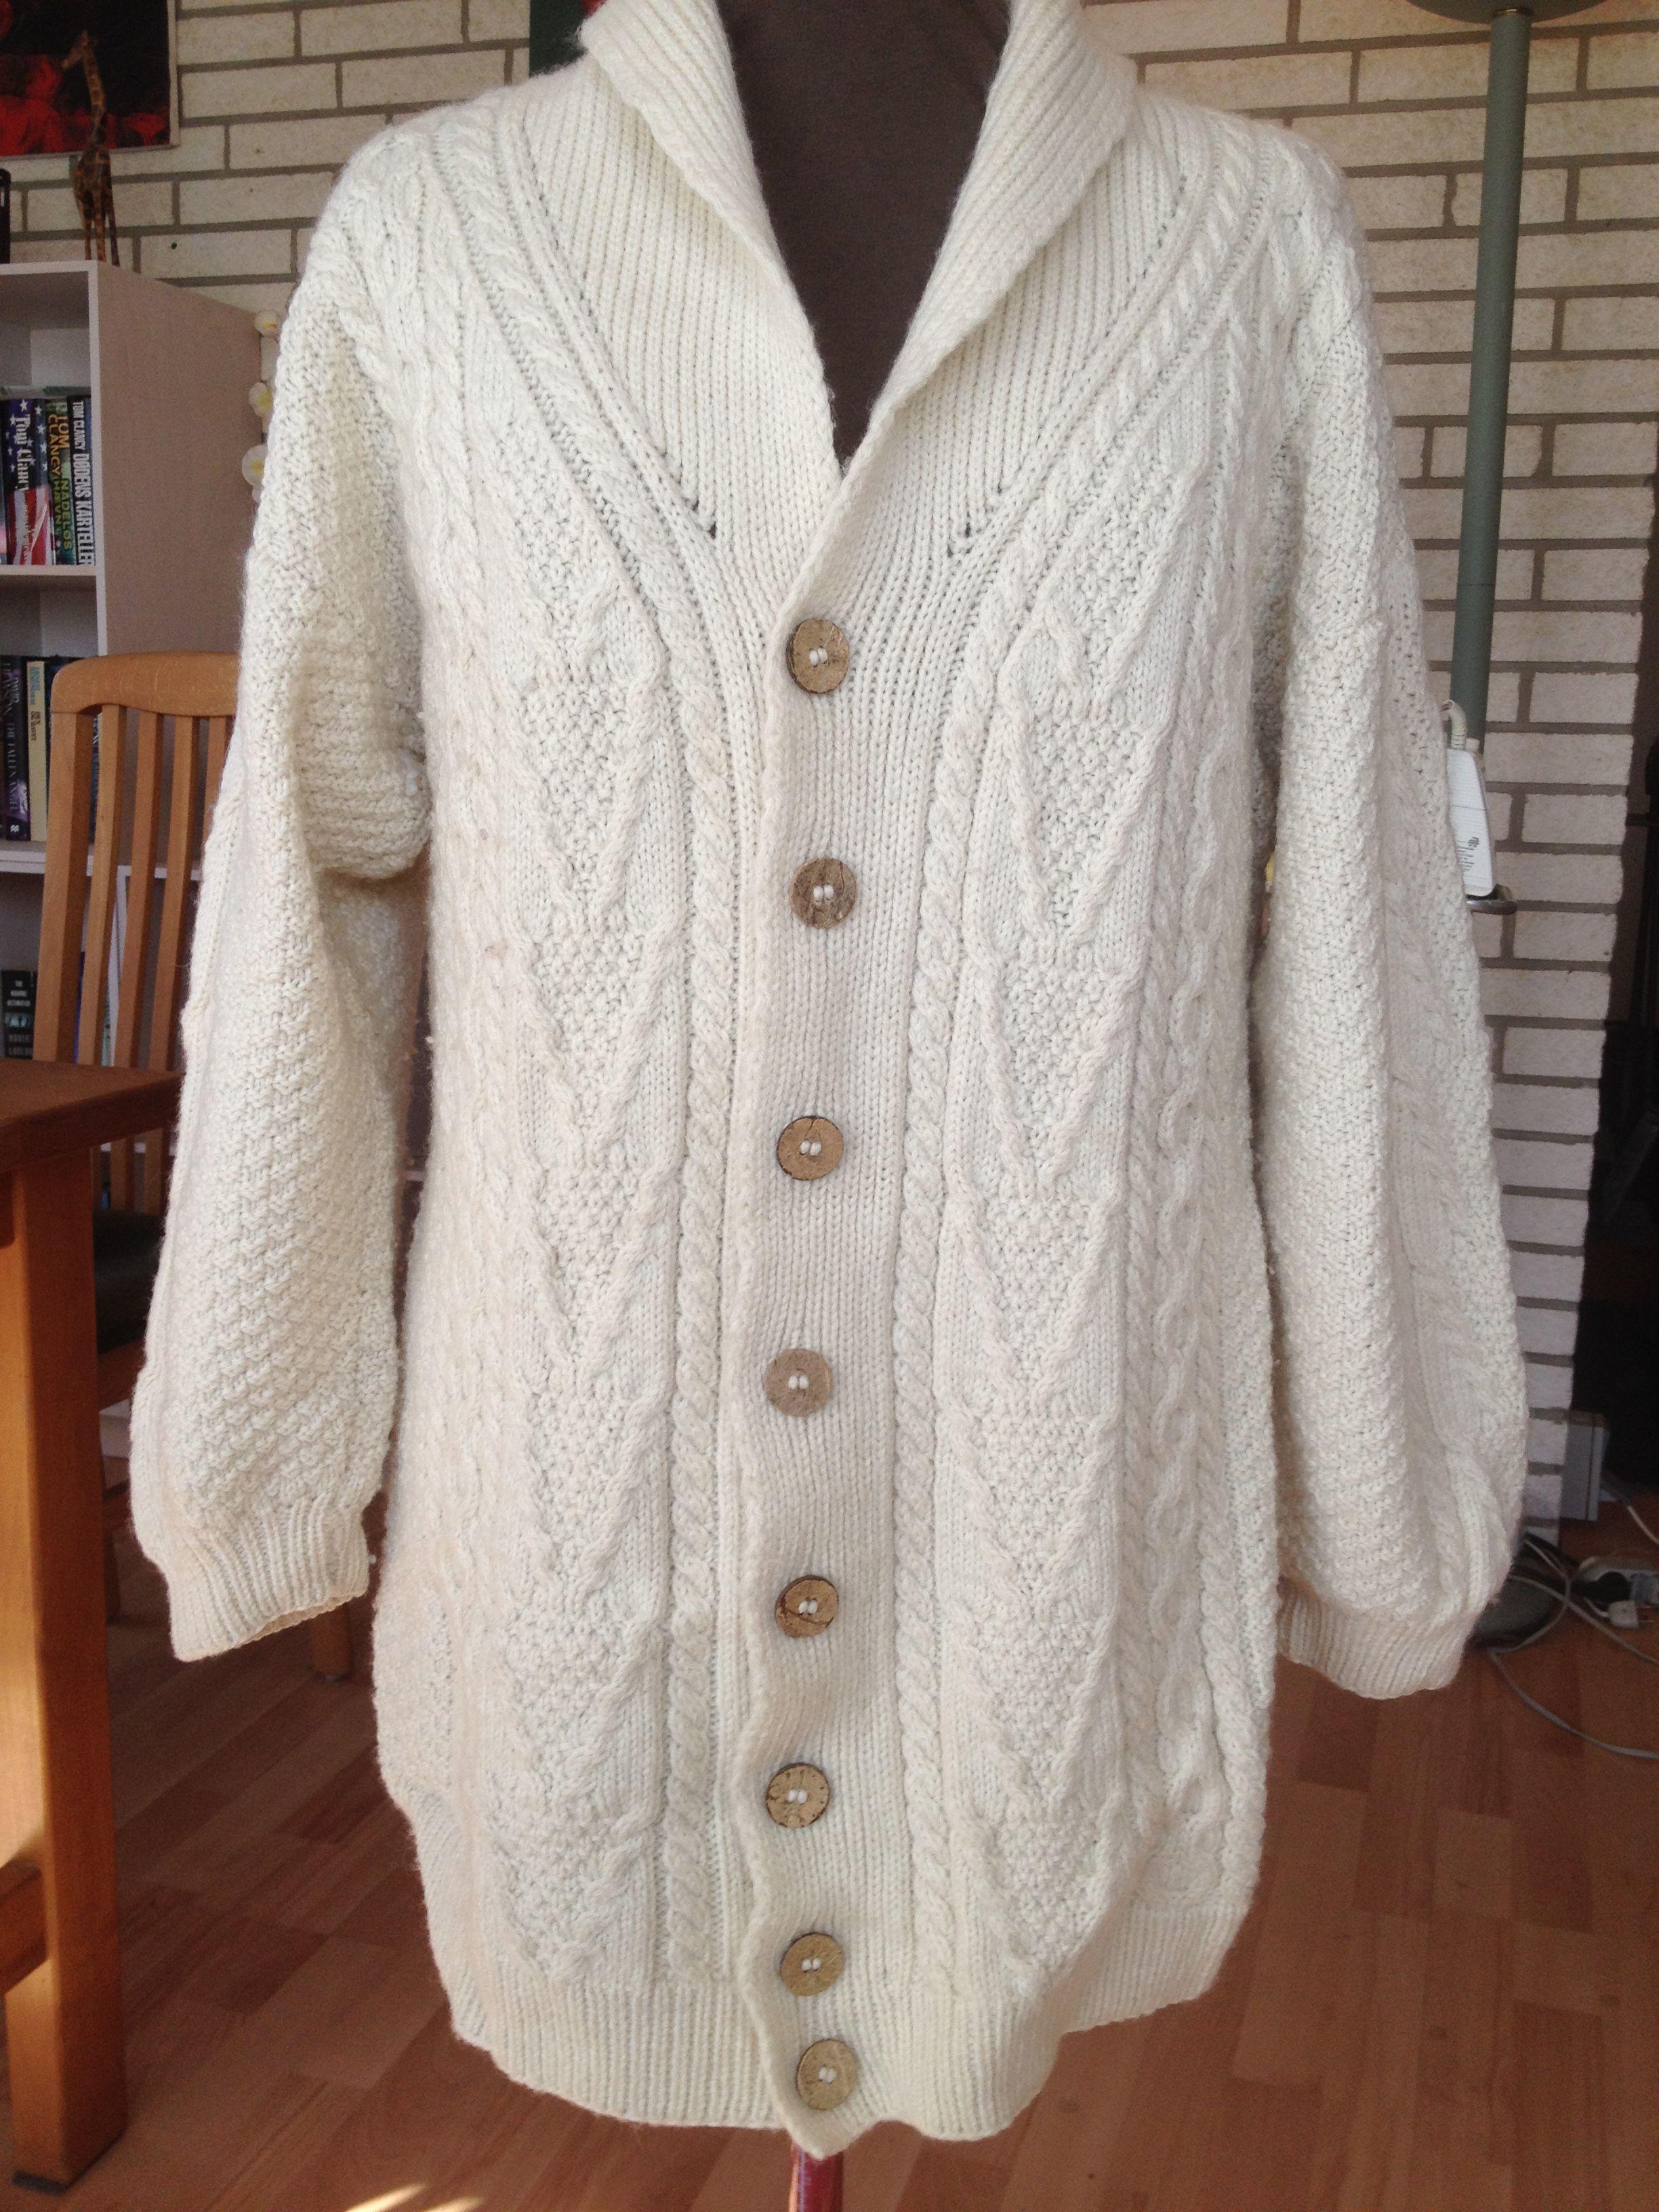 Strikket trøje i 100 % uld. Trøjen er strikket med aranmønstre. Trøjen er eget design.